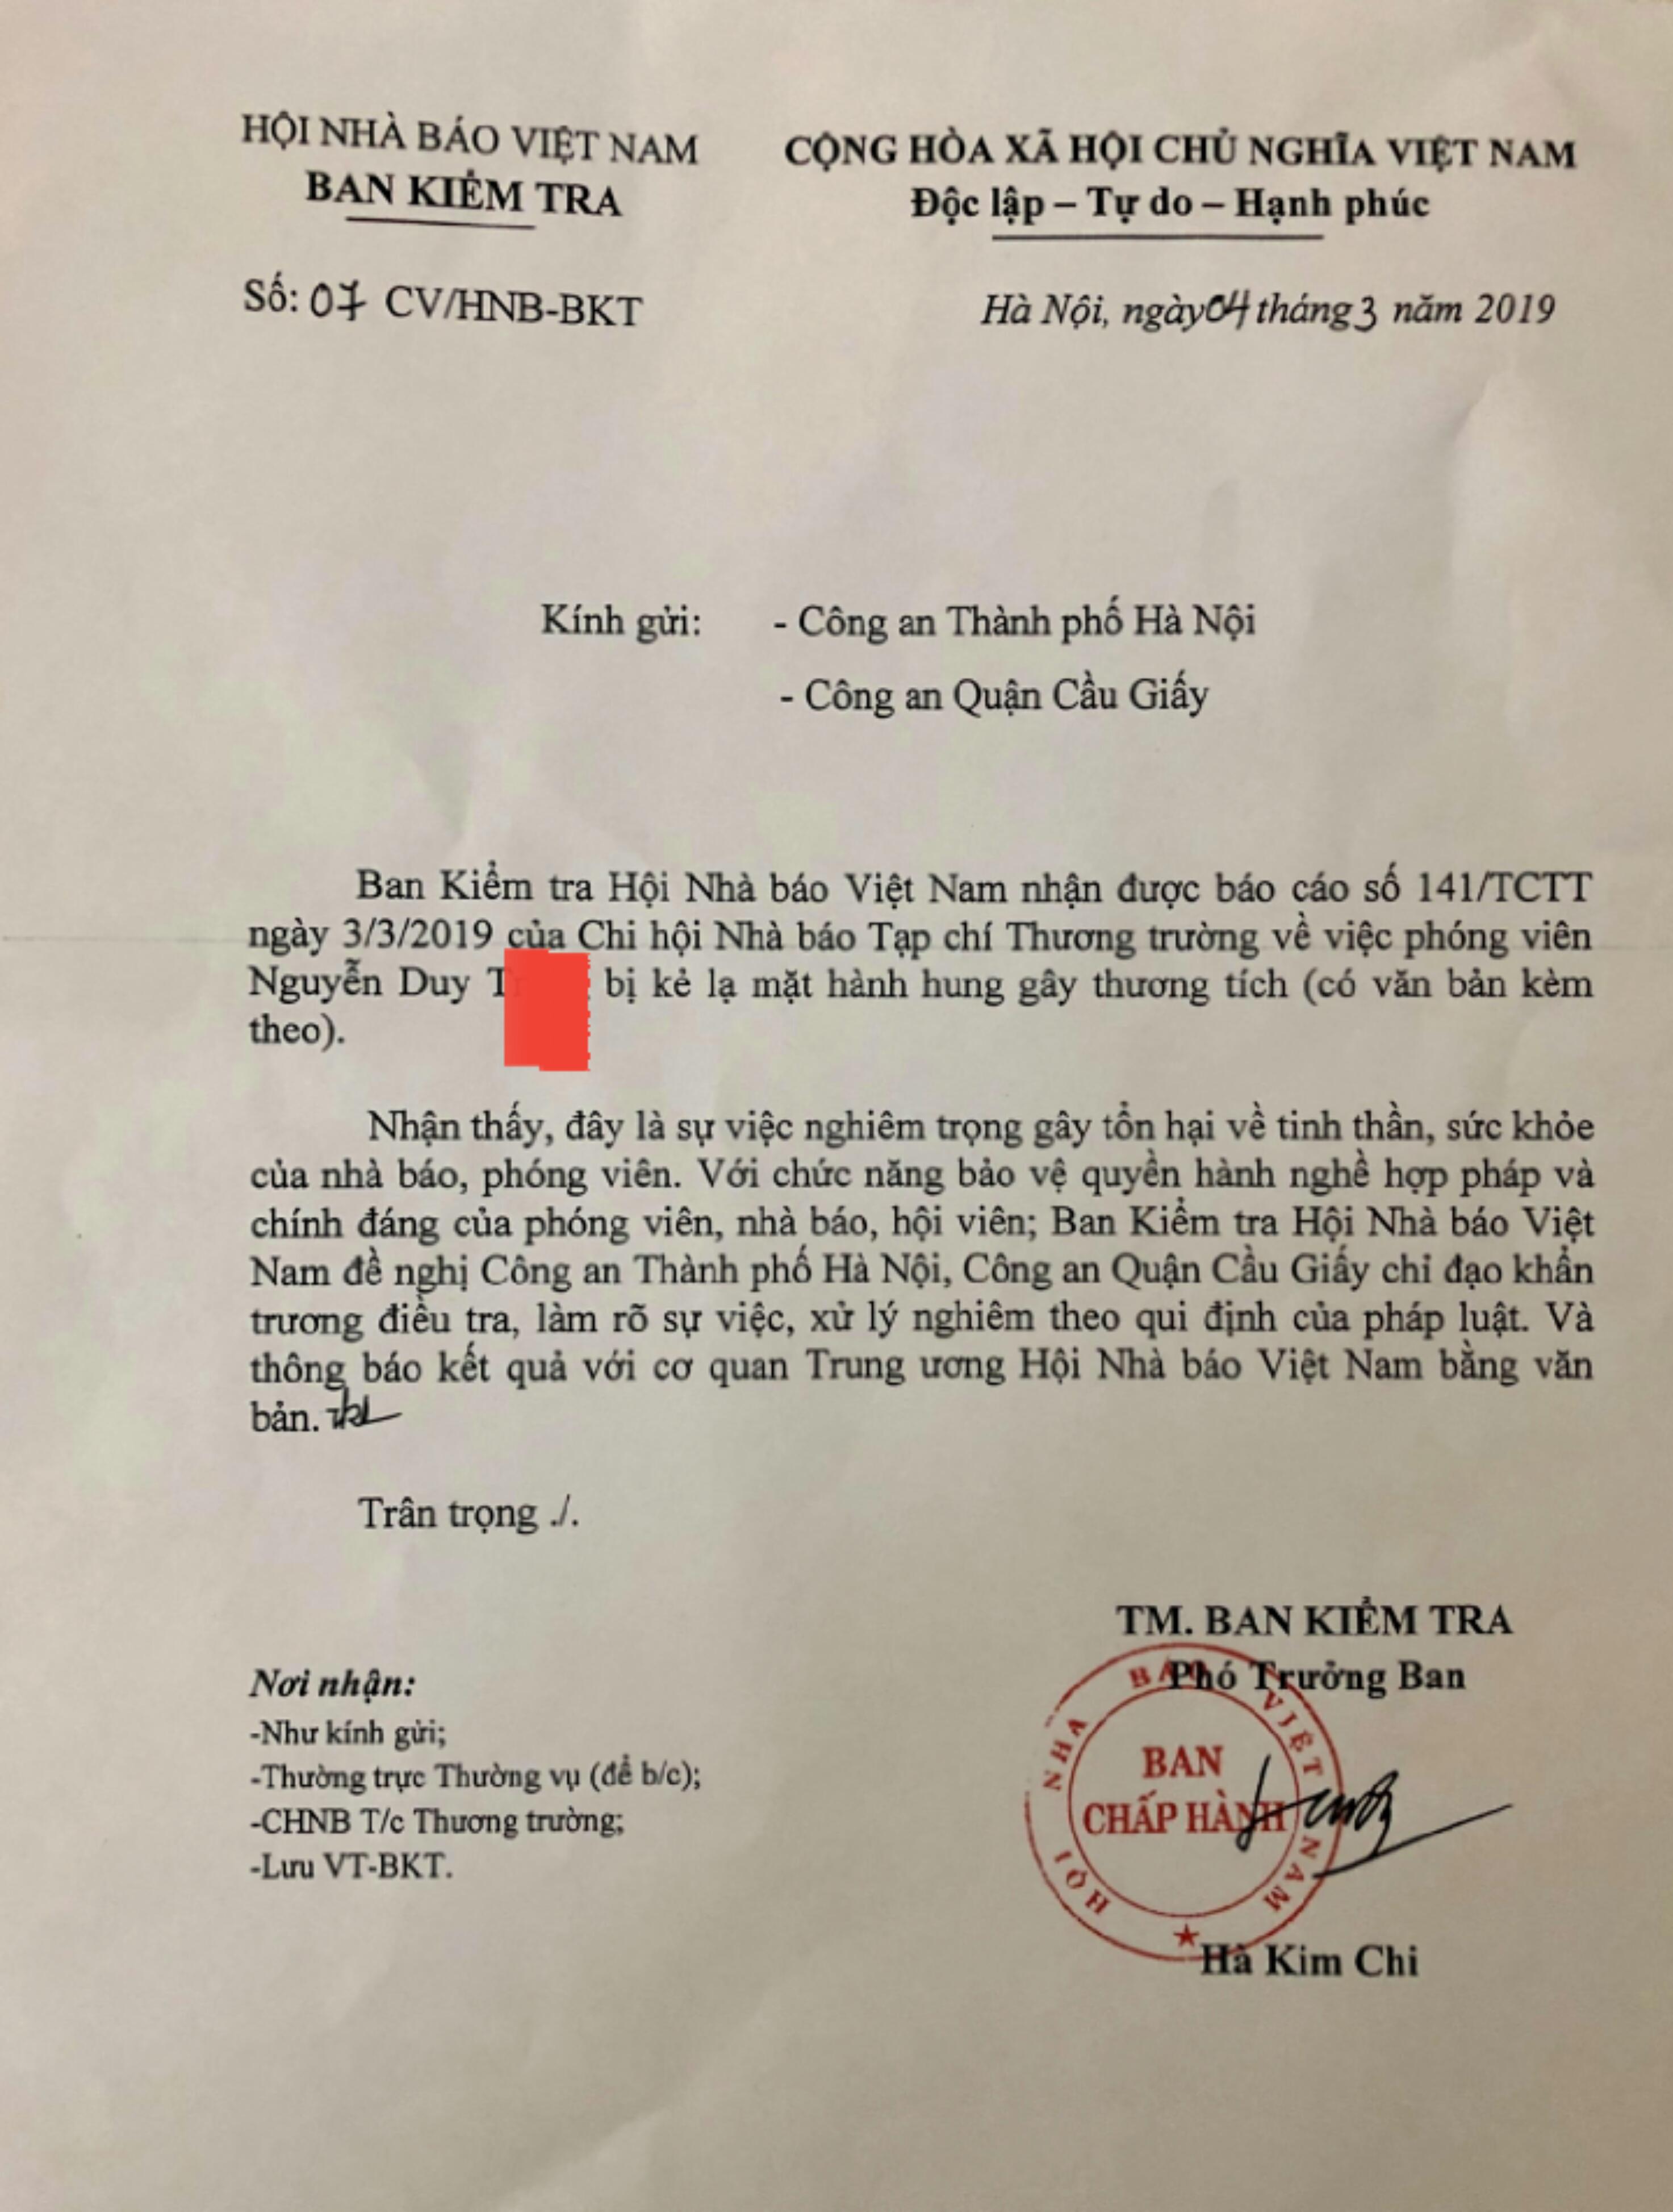 Công văn của Hội Nhà báo Việt Nam đề nghị làm rõ vụ việc (Ảnh: TL)